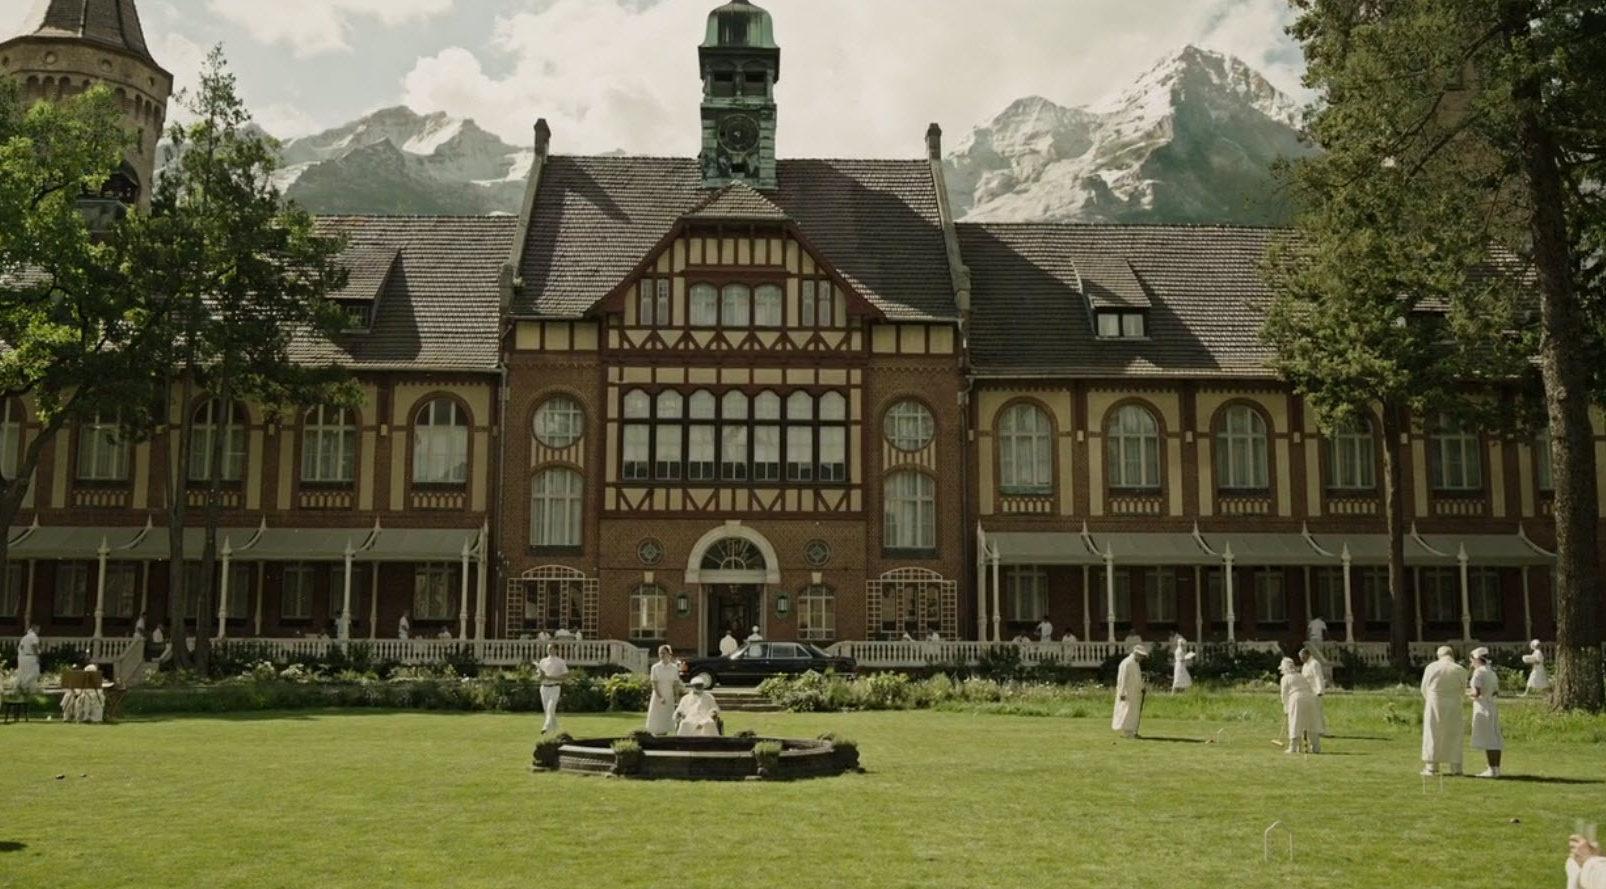 Санаторий для богатых в Альпах